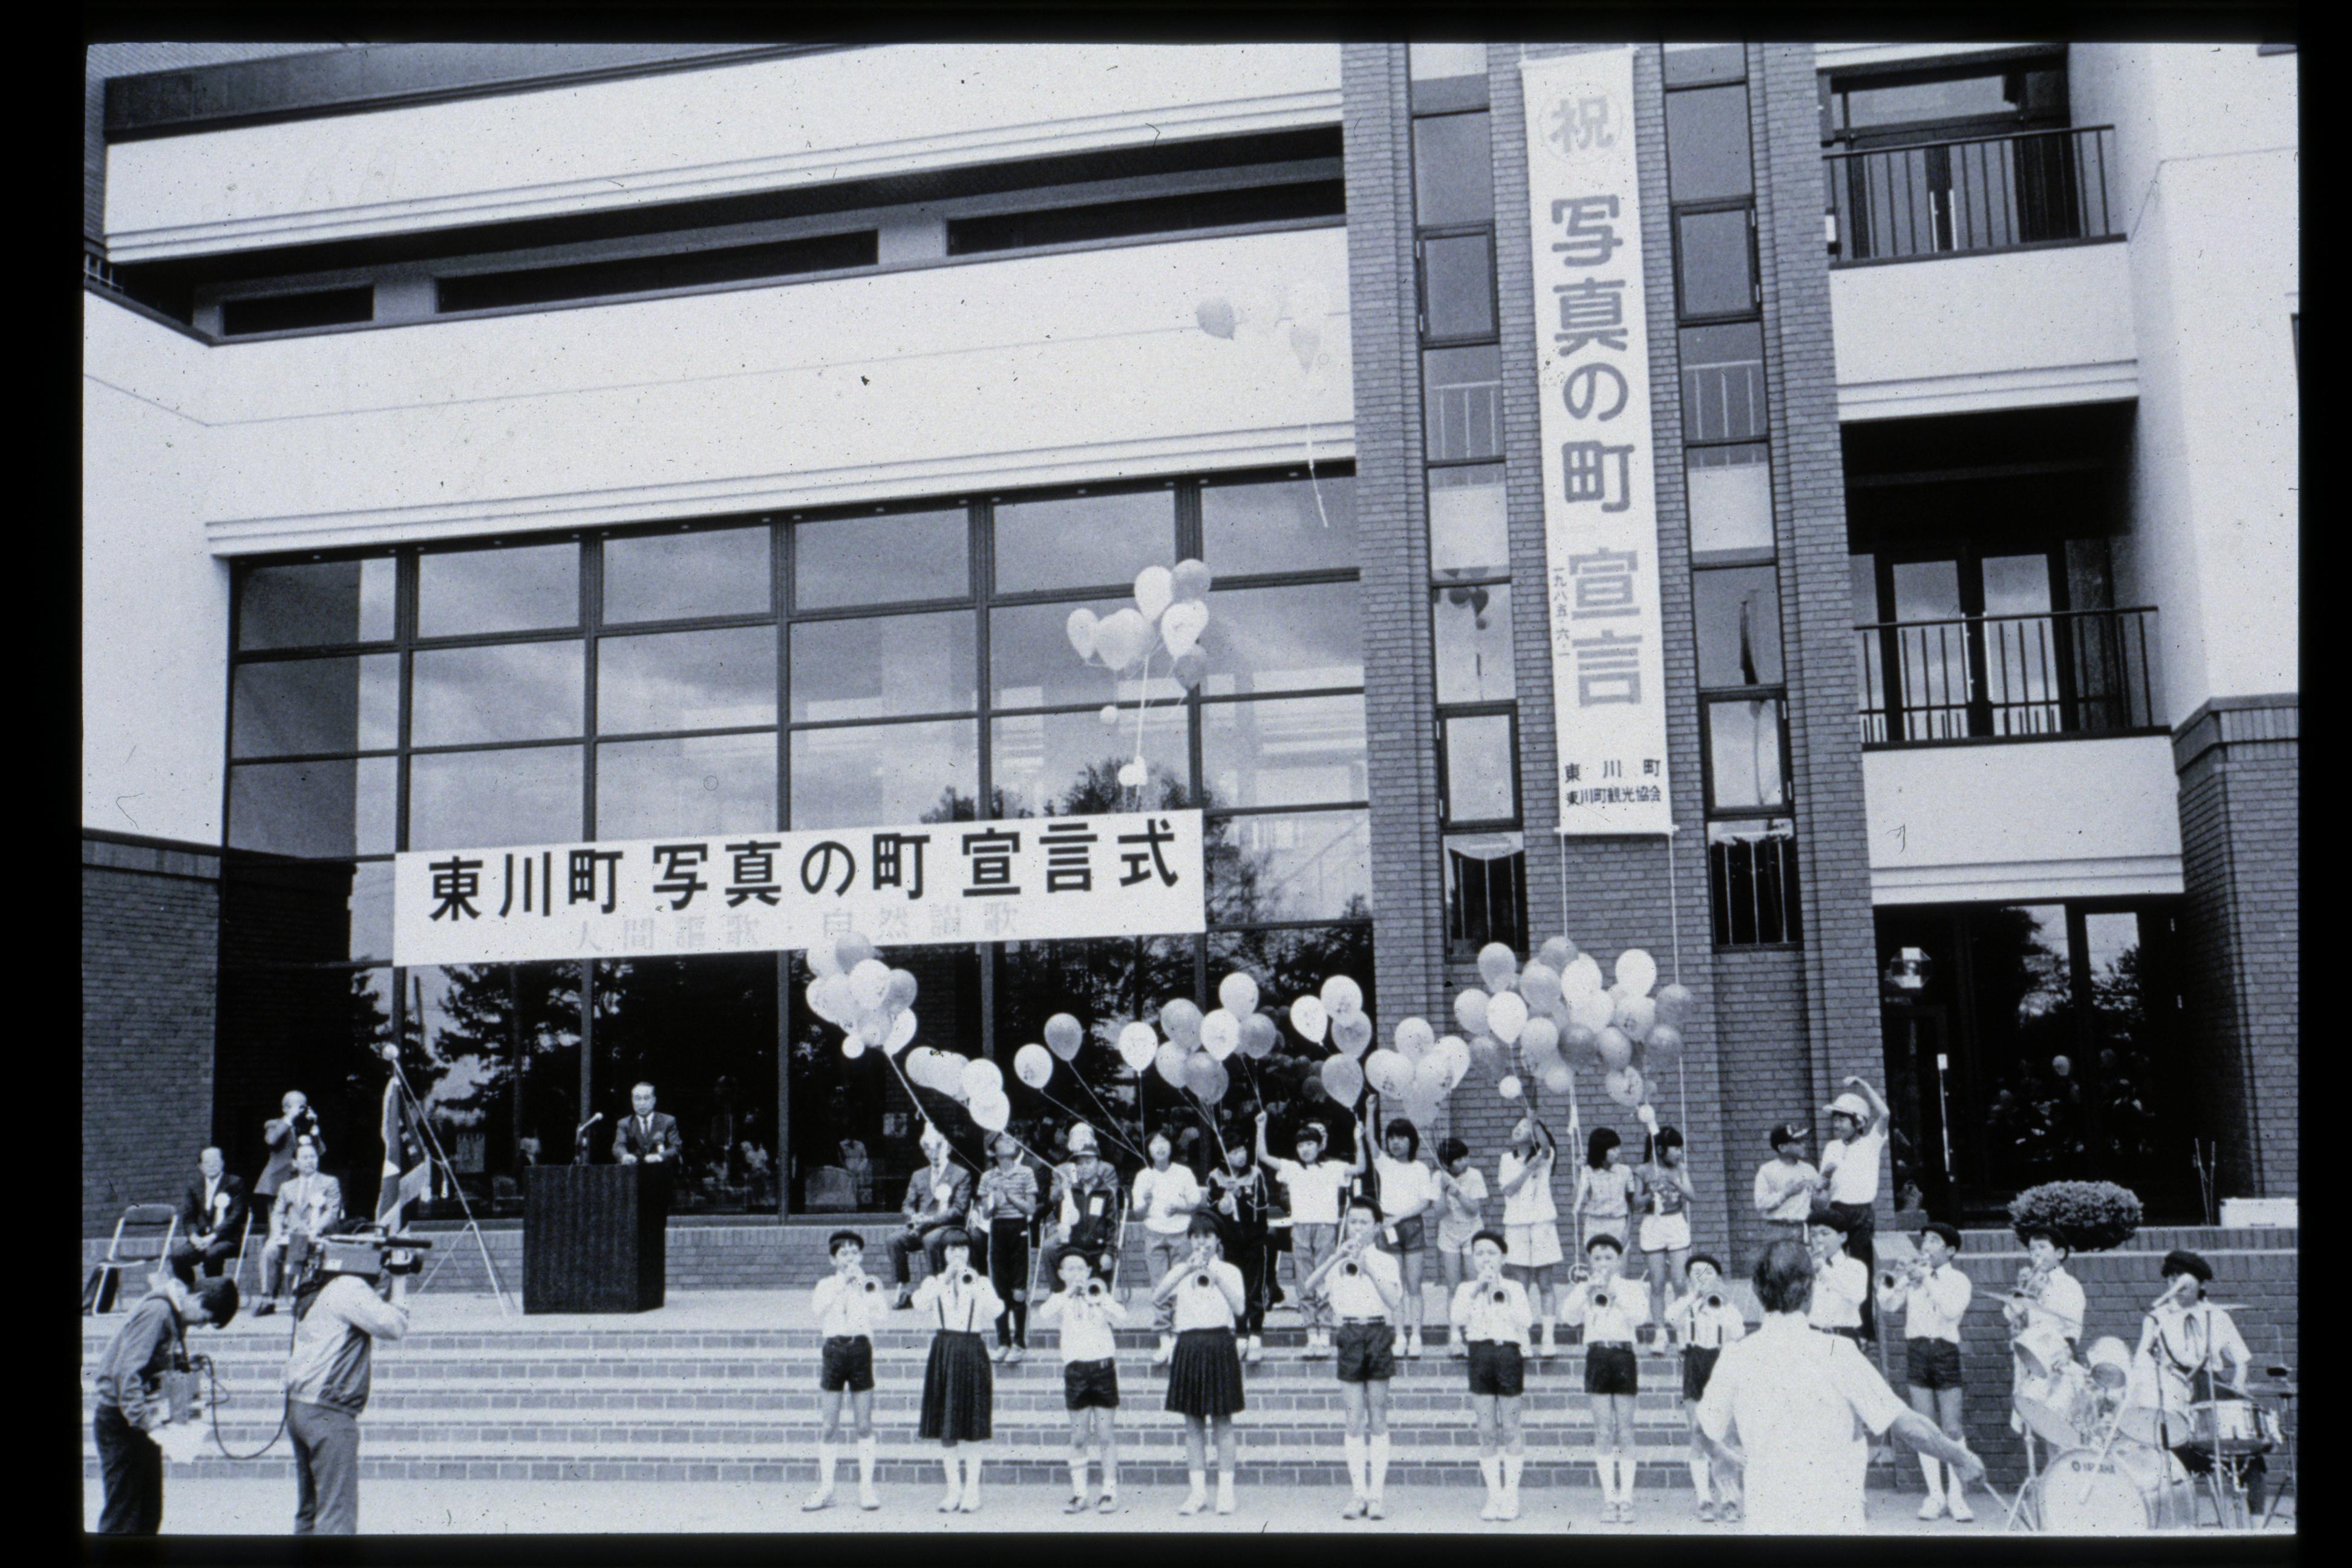 東川町屋外写真展